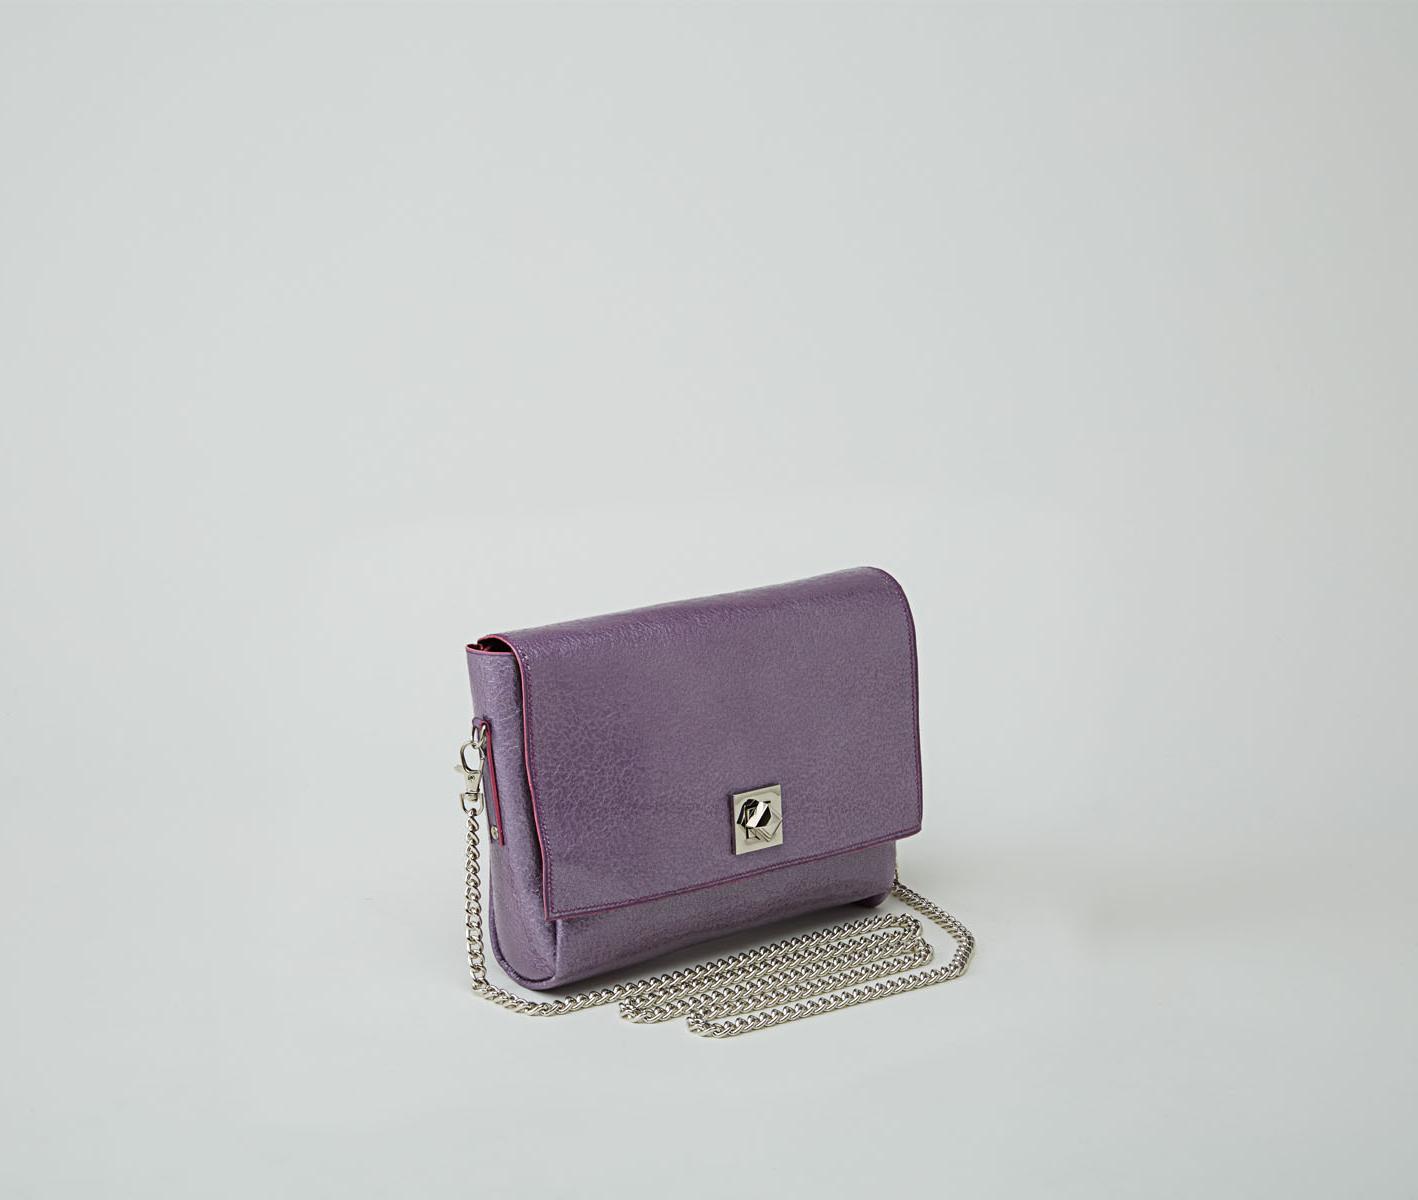 DHAULAGIRI sac bandoulière à chaine en cuir de veau métallisé verni violet